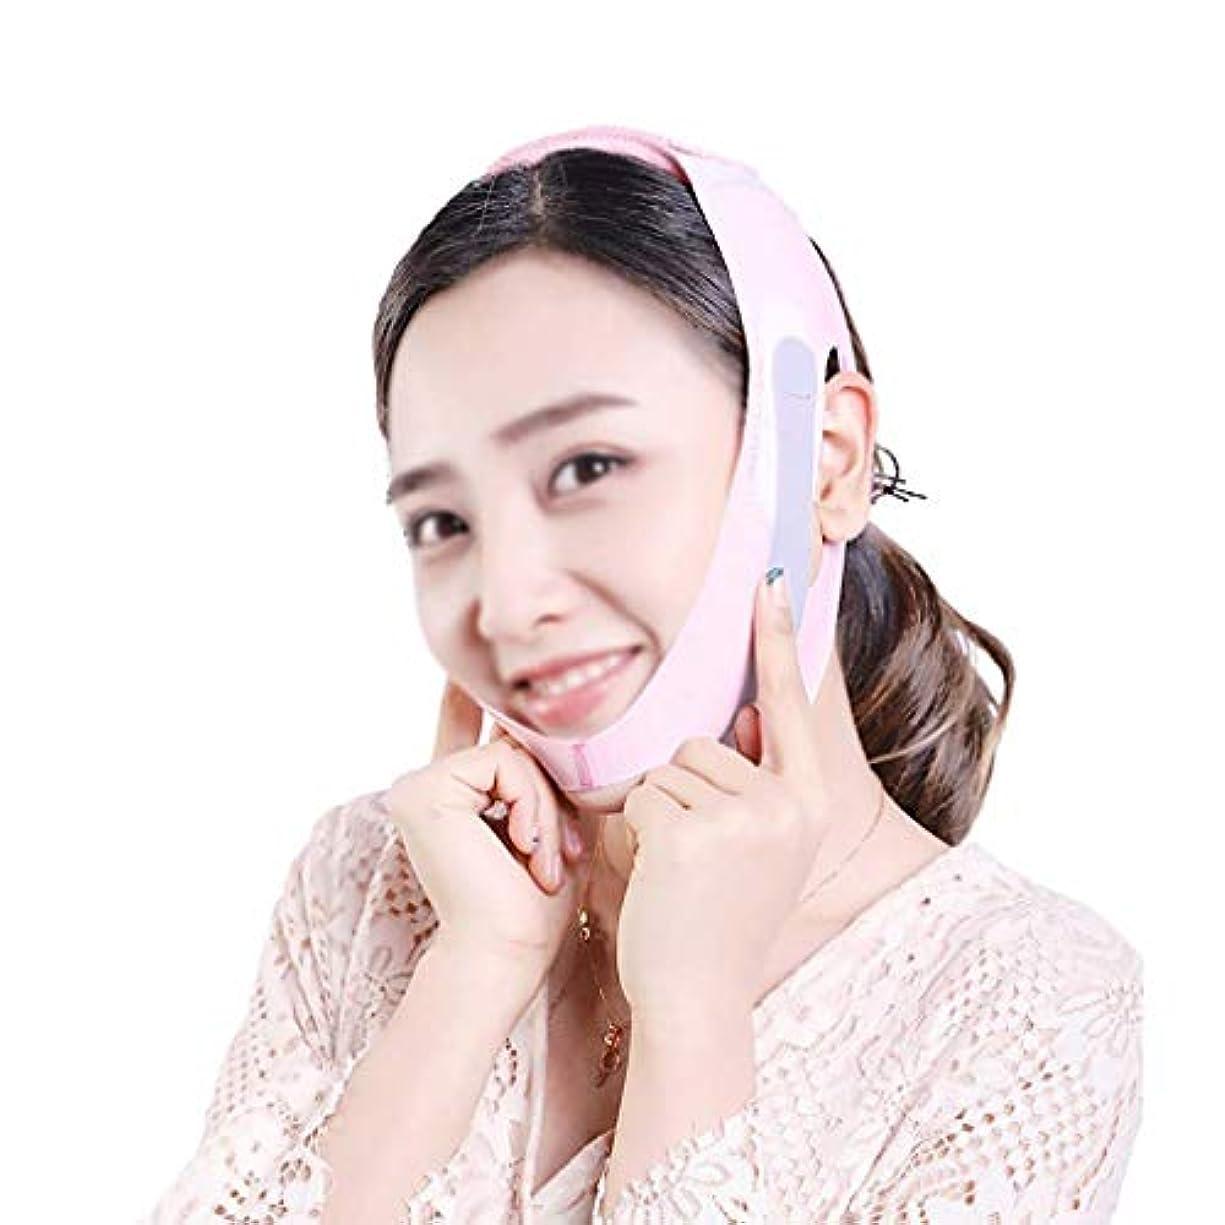 ゴシップ液体バーガーフェイシャルマスク、フェイスリフティングアーティファクト包帯リムーバーダブルチンスティックリフティングタイトなマッサージ師筋肉リフティングフェイスを垂れ防止スリミングベルト